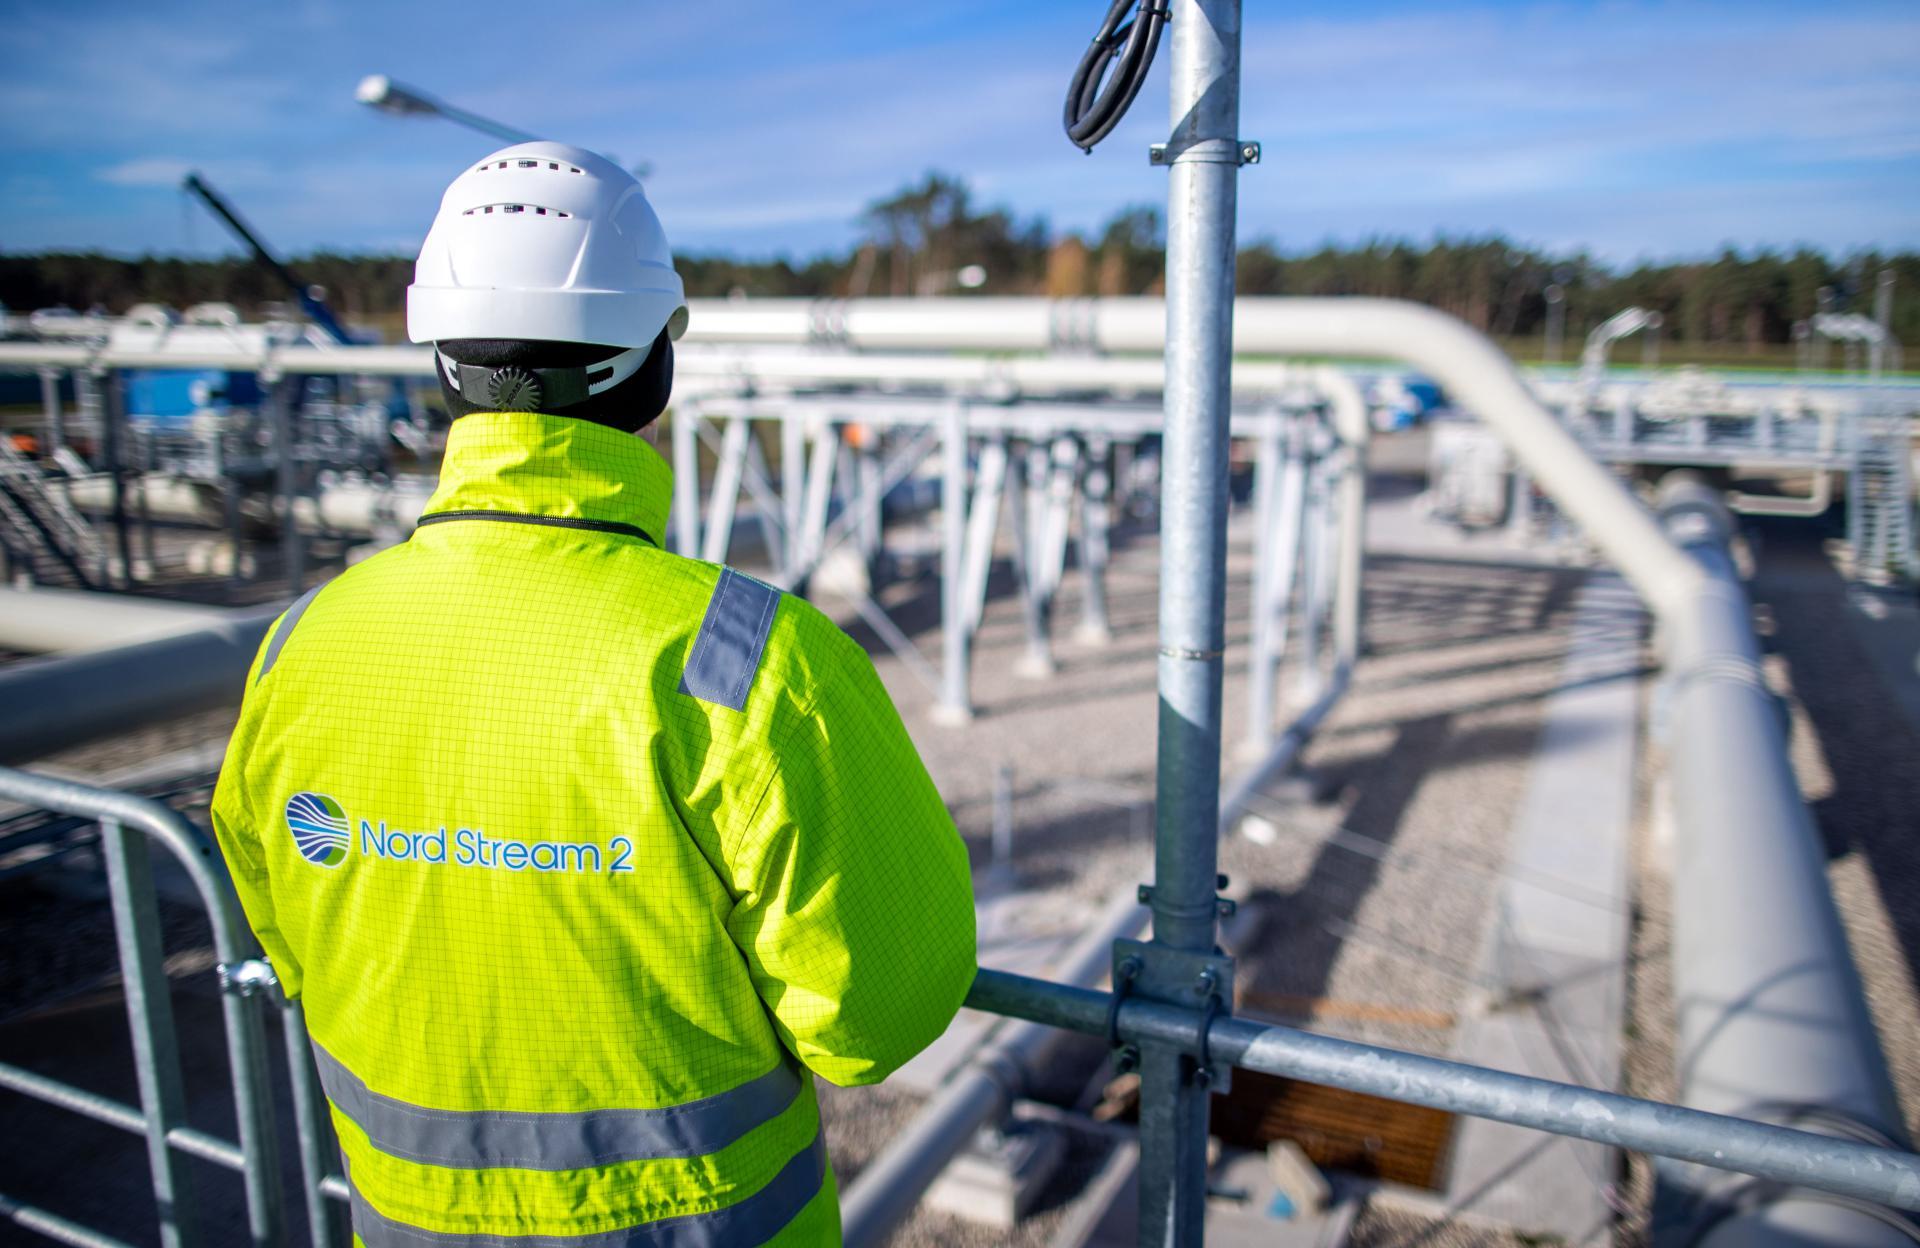 Studija pokazala da će Rusija ostati dominantni dobavljač plina za Europu do 2040. godine, opskrba iz Norveške u padu